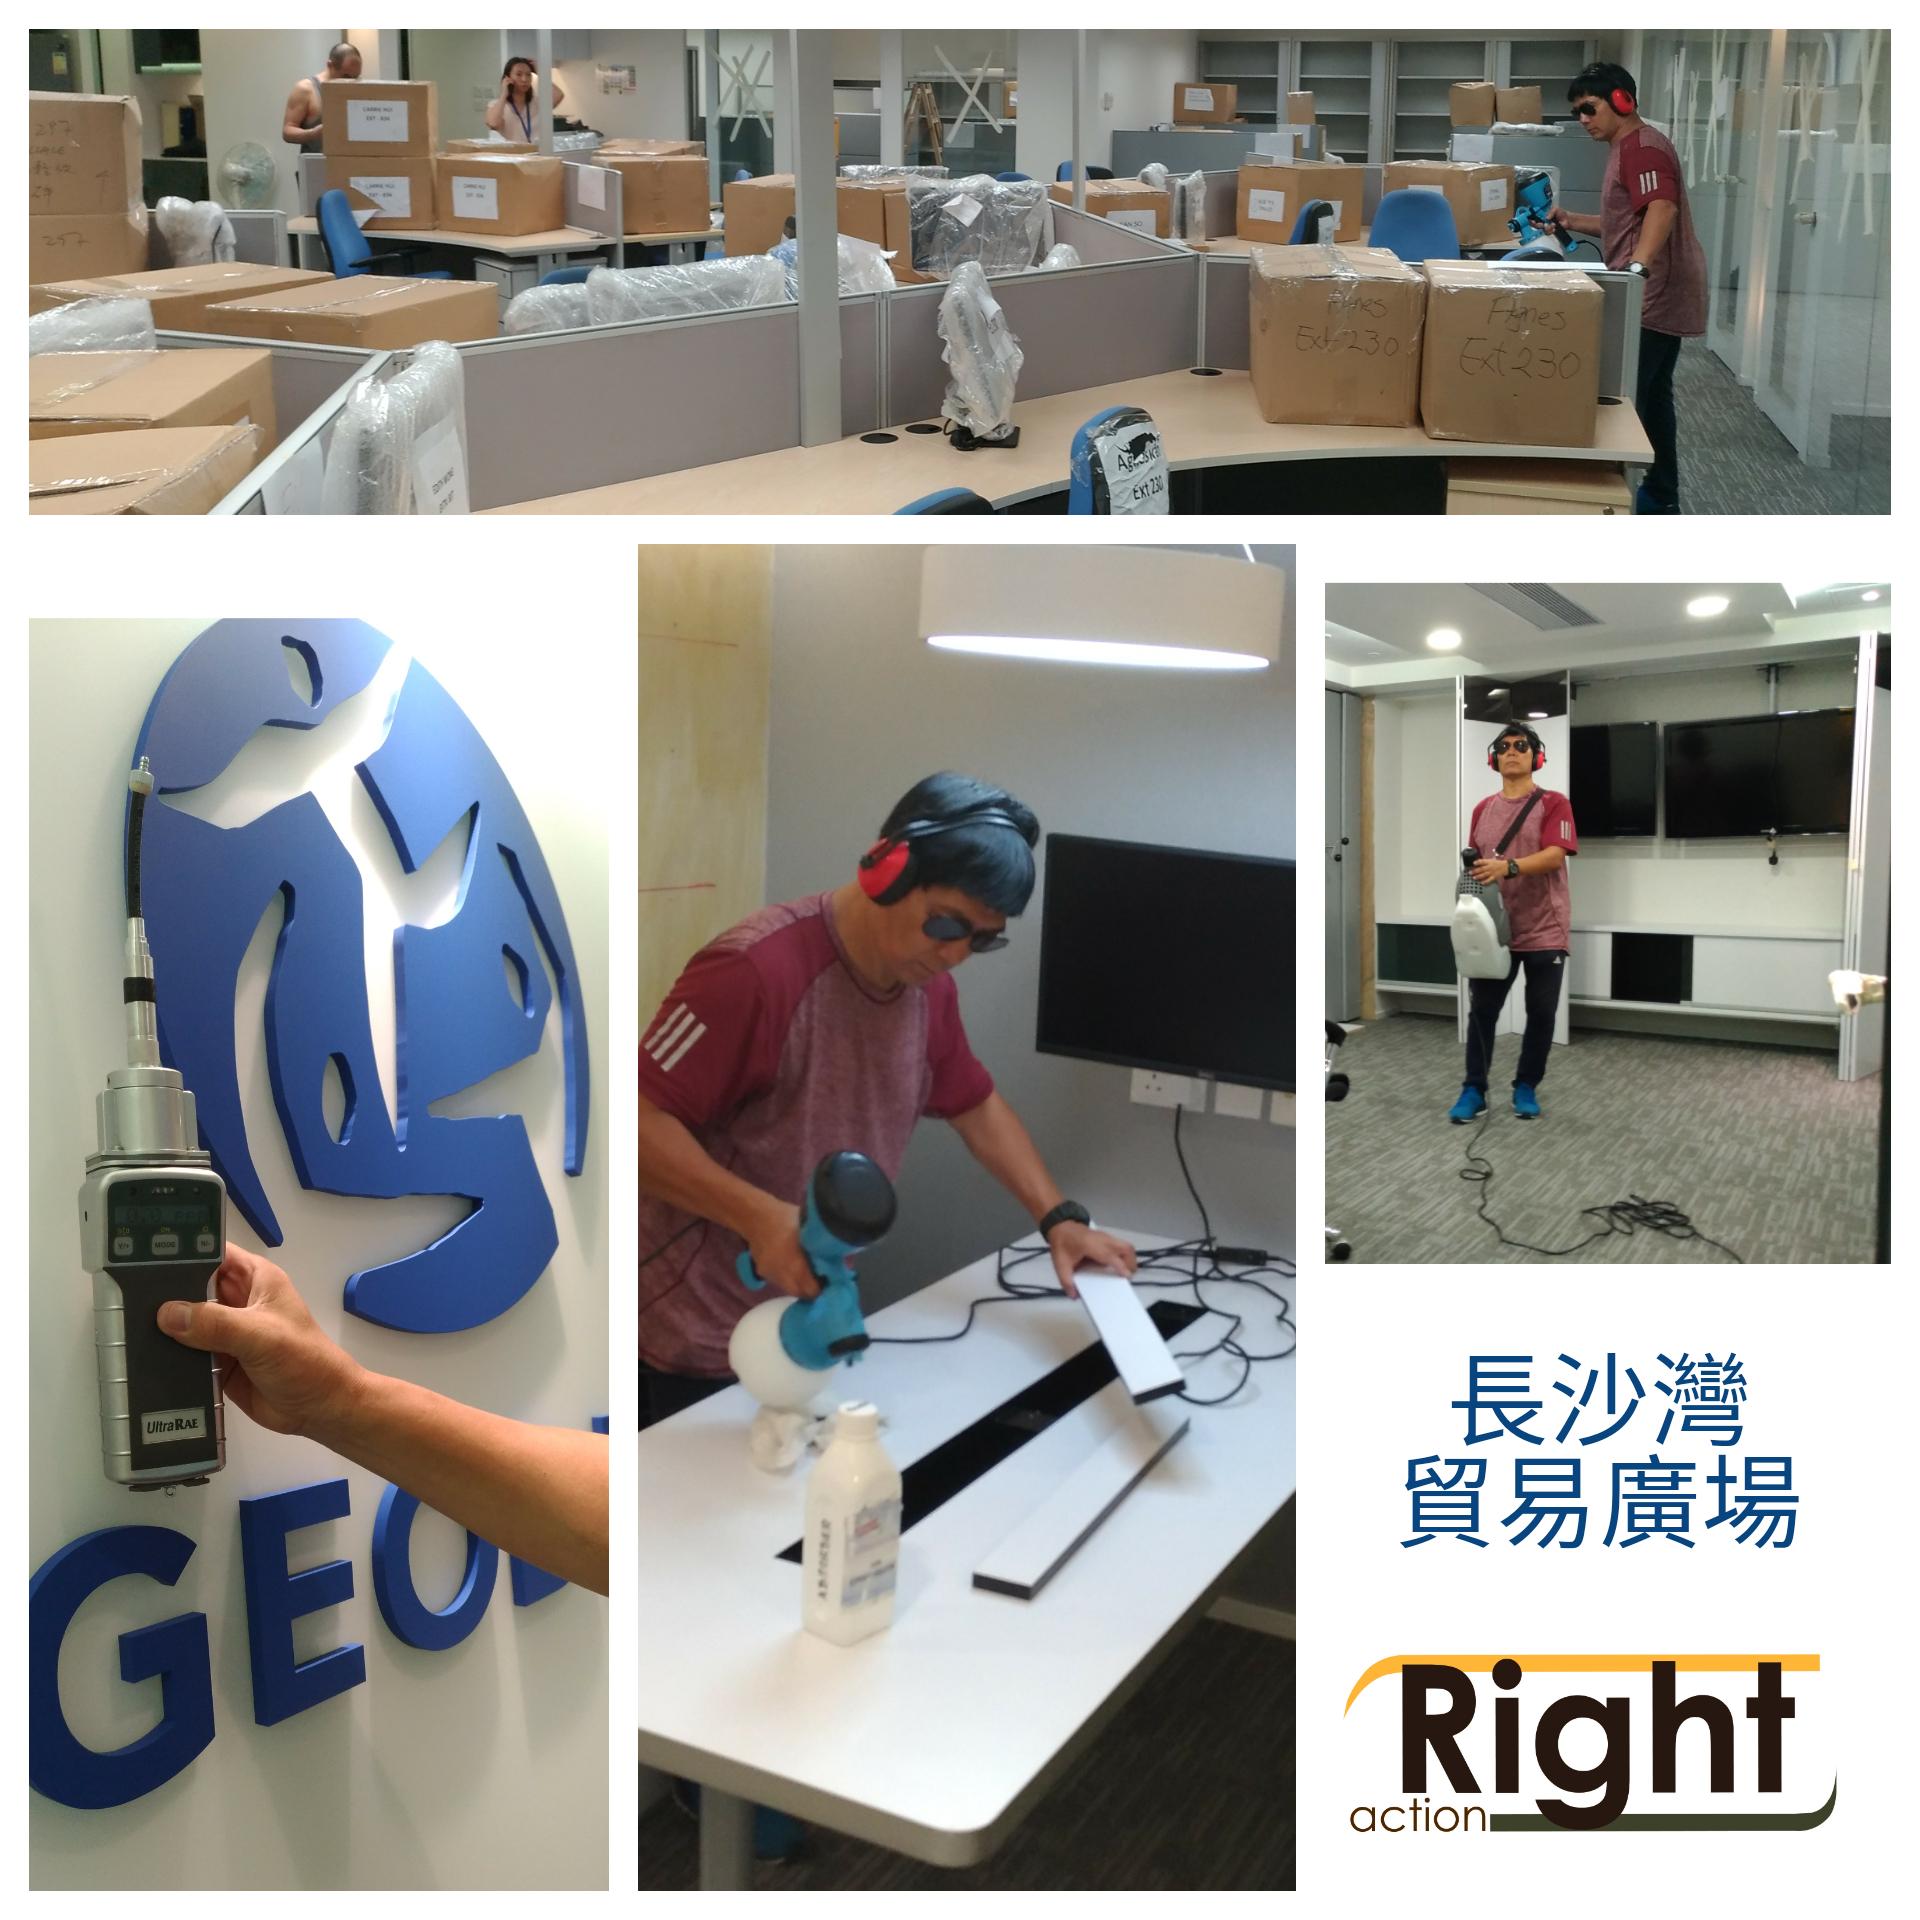 RIGHT ACTION_貿易廣場